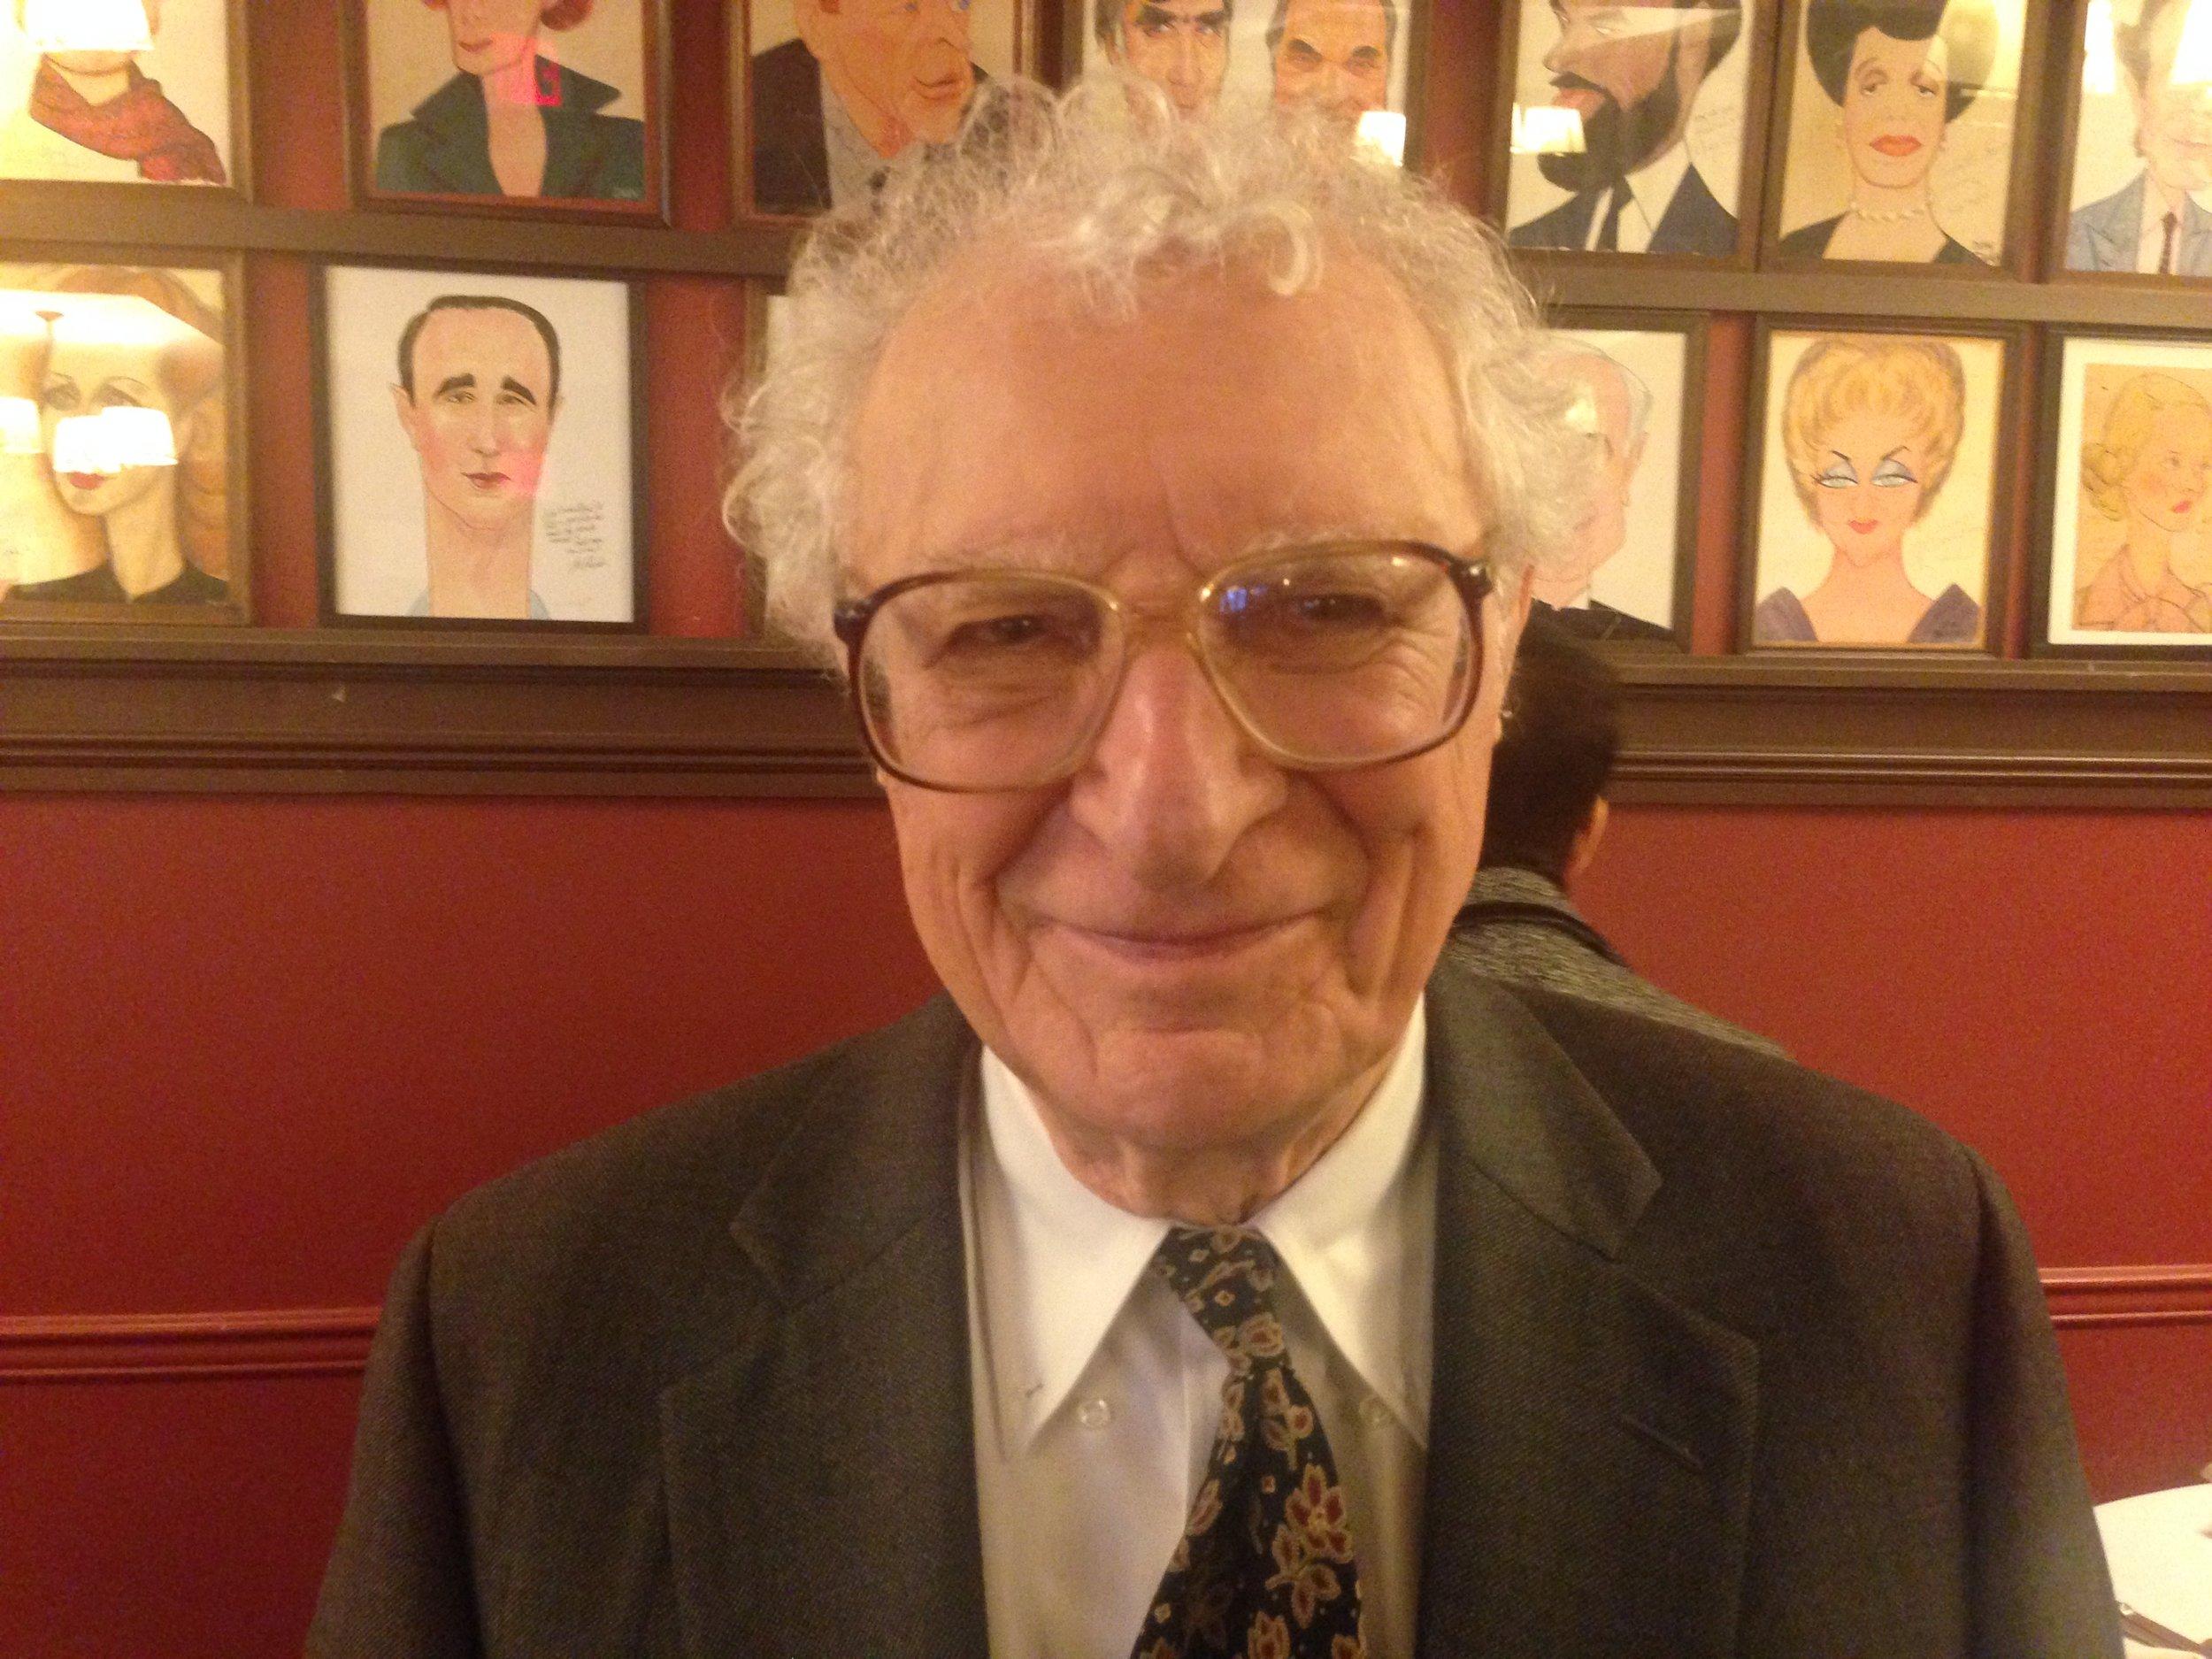 Sheldon Harnick